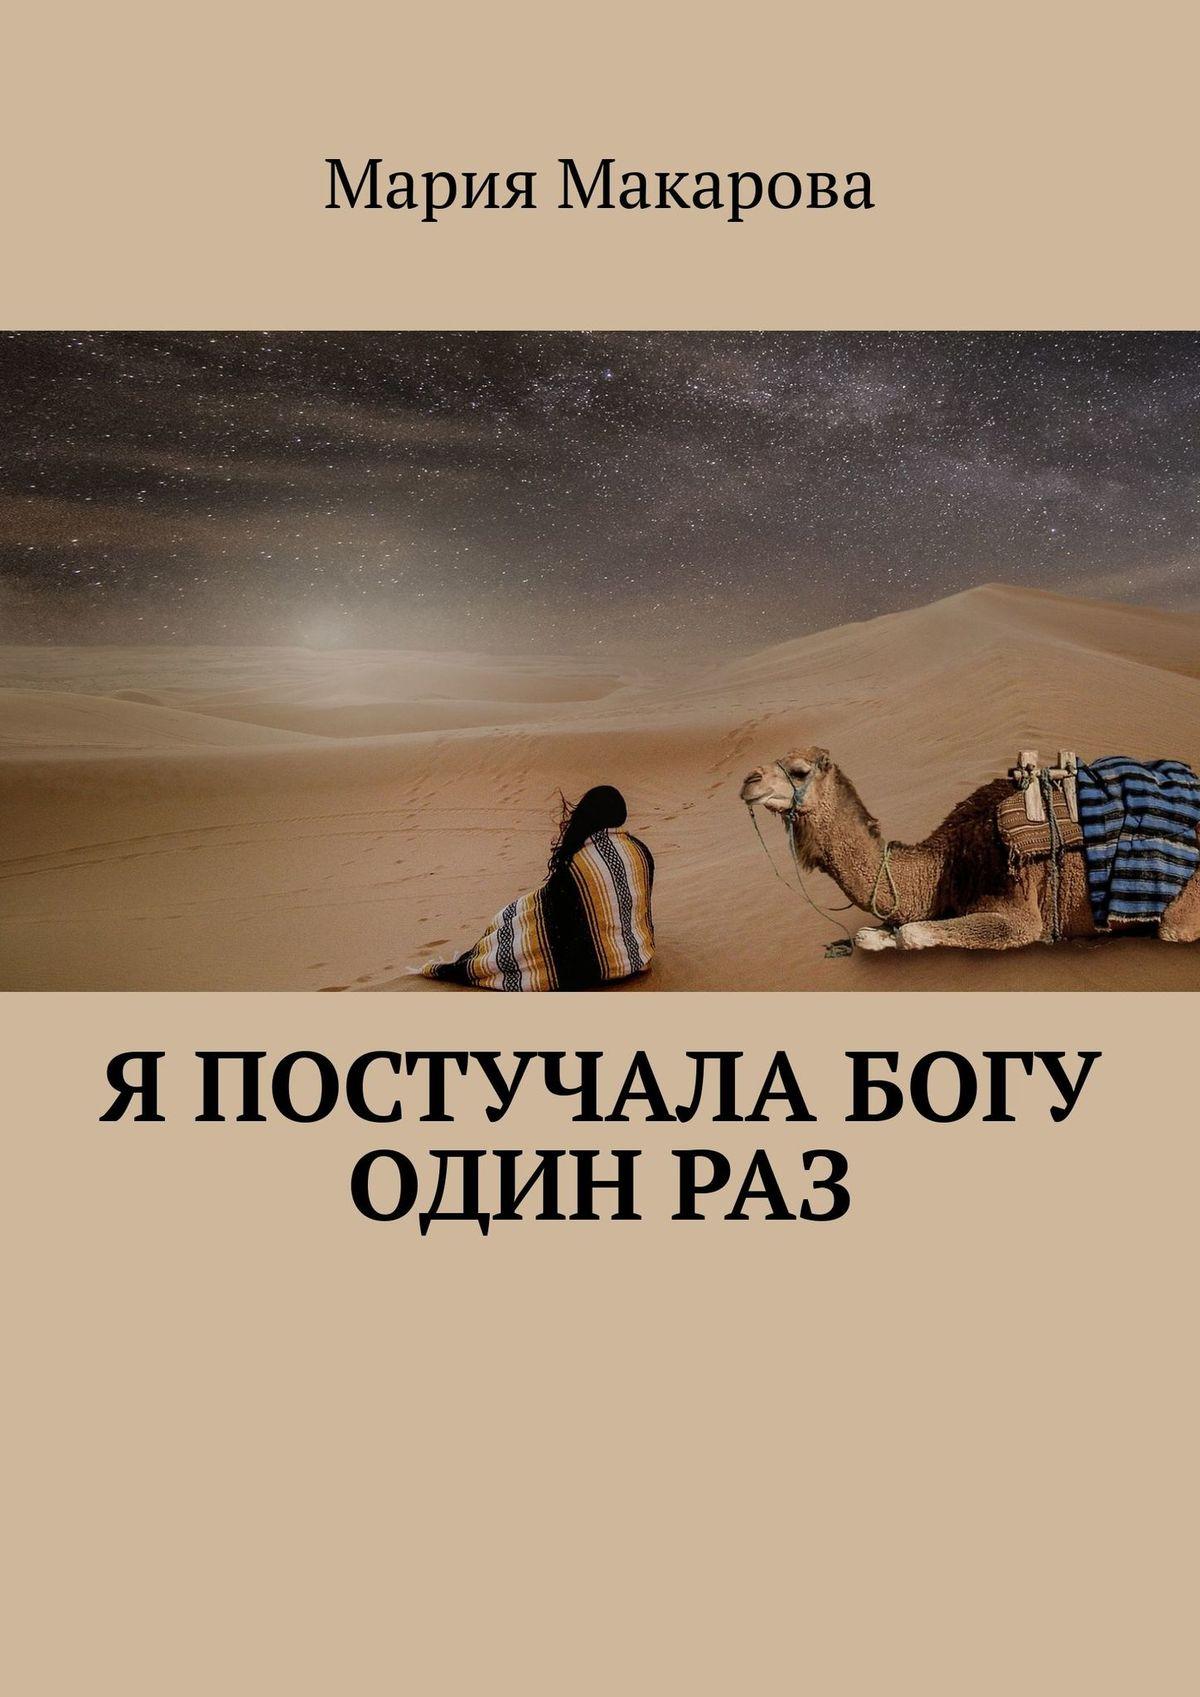 Мира Бастет Сказки странствий. Сборник произведений